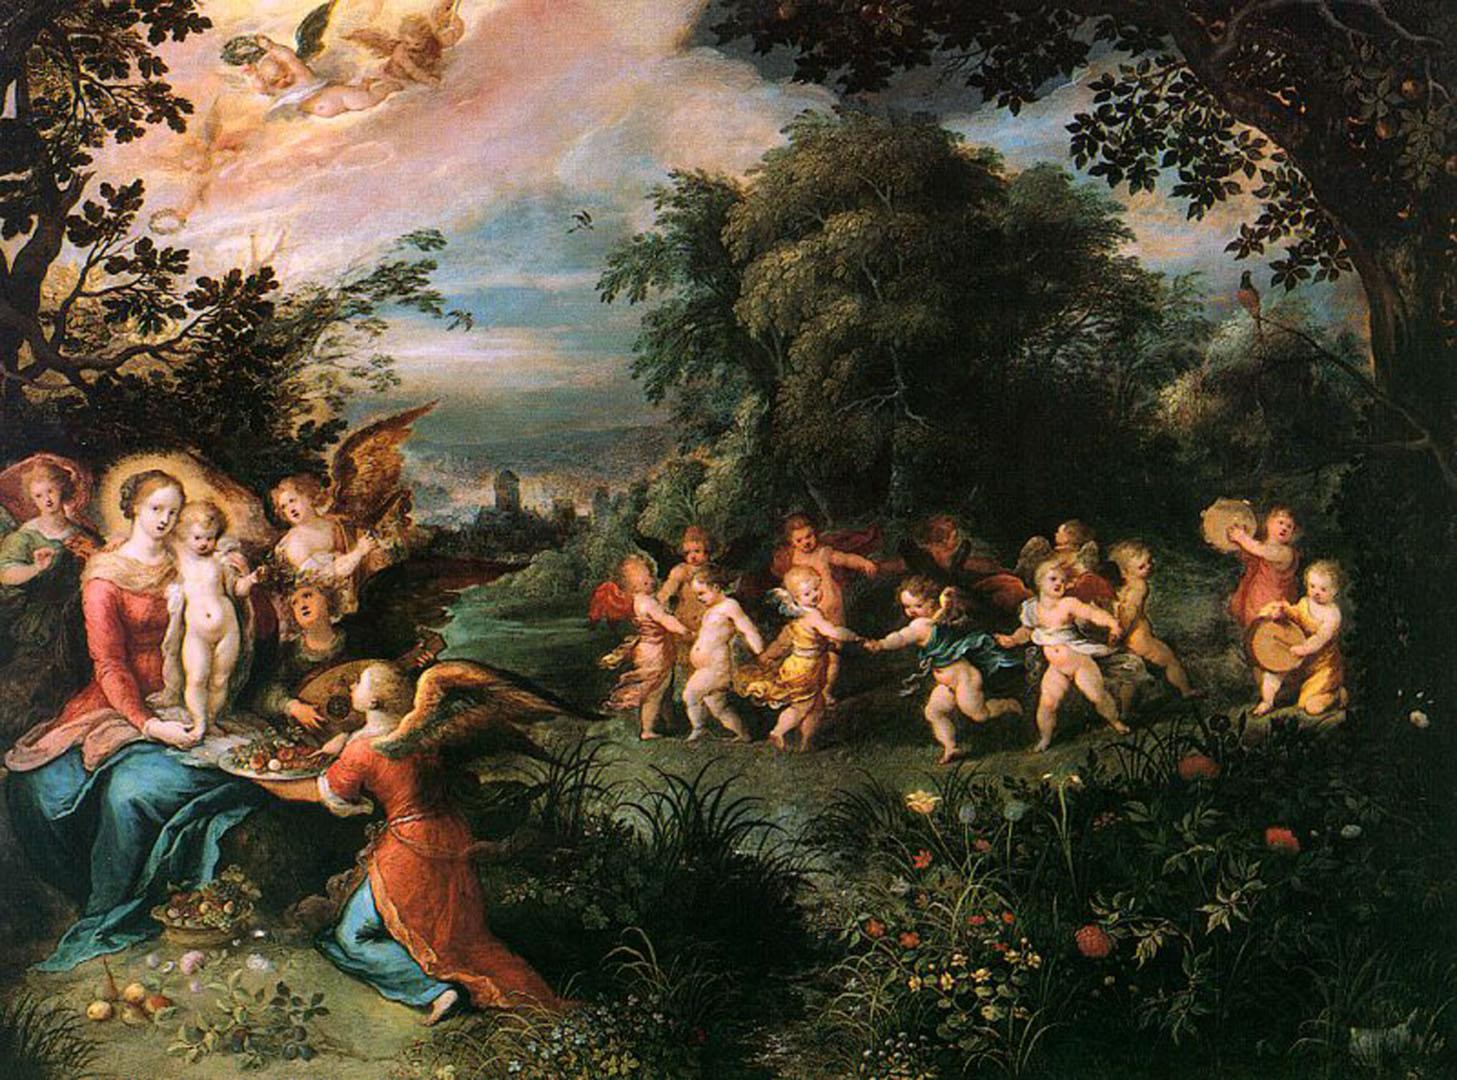 cherubs dancing in the garden of delights flemish art